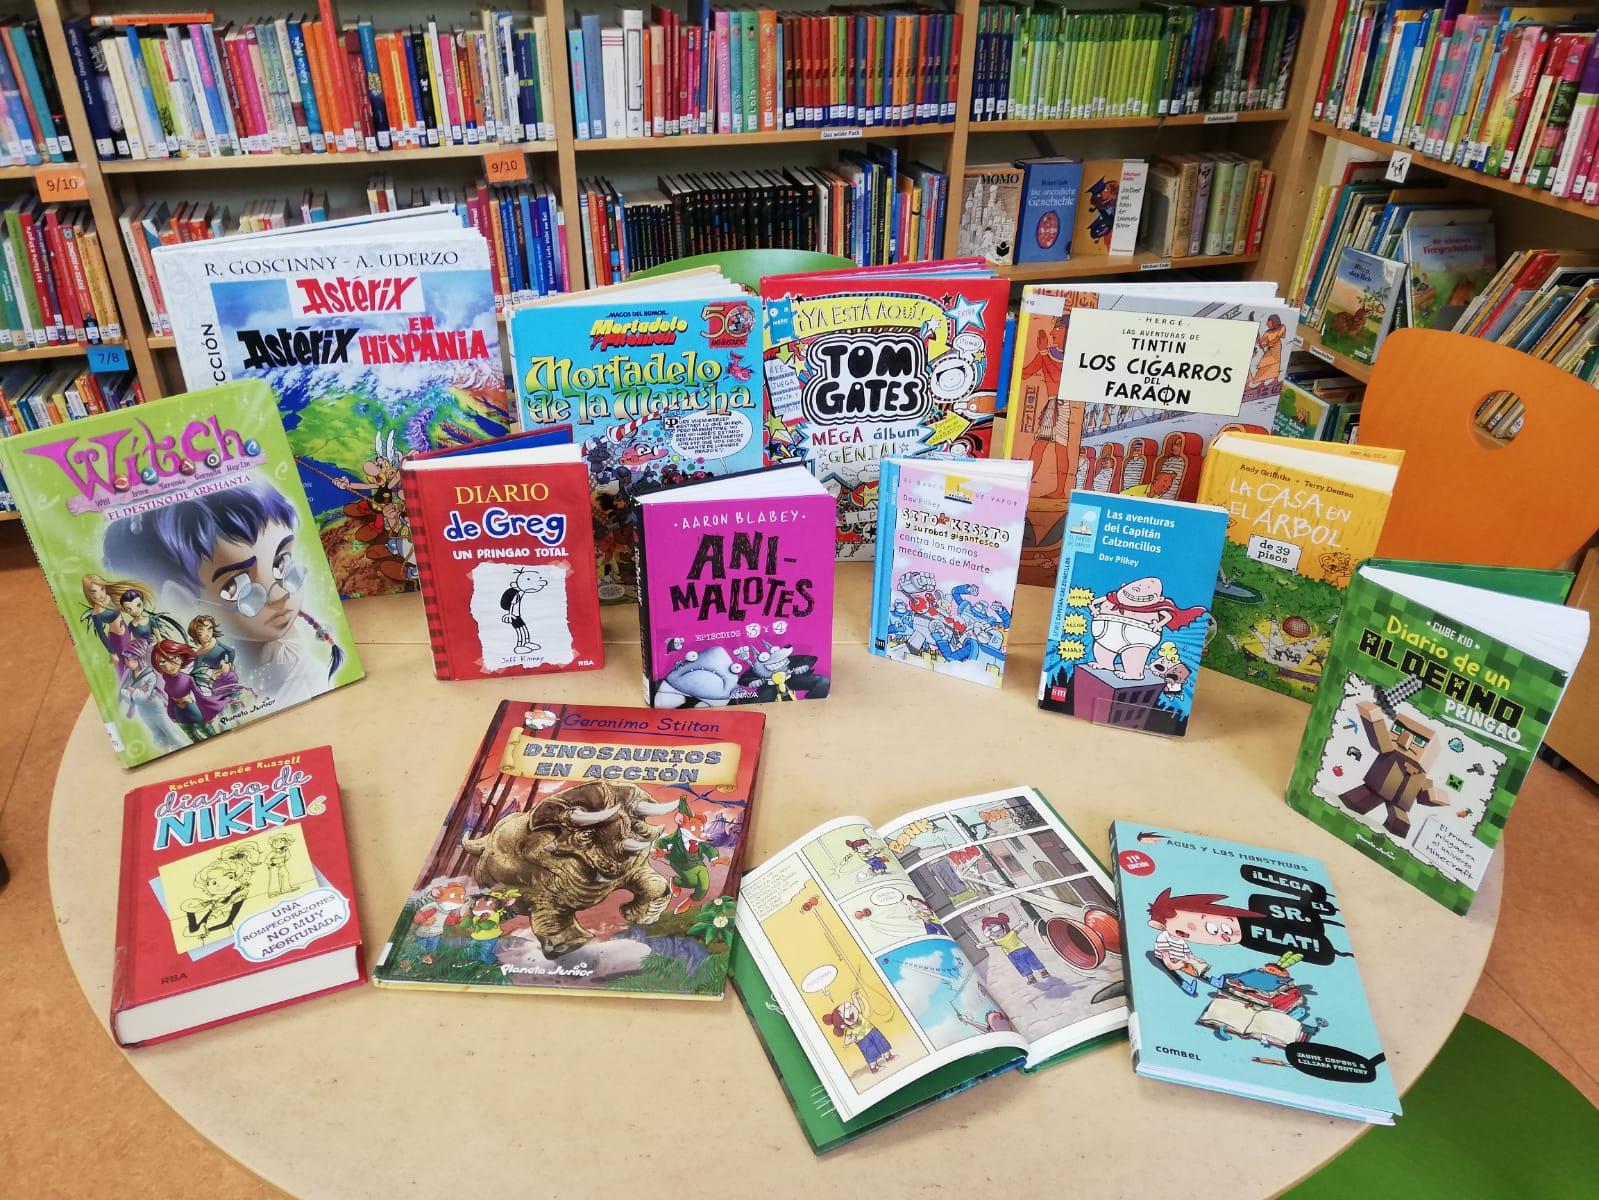 In der Bibliothek: Comic-Empfehlungen